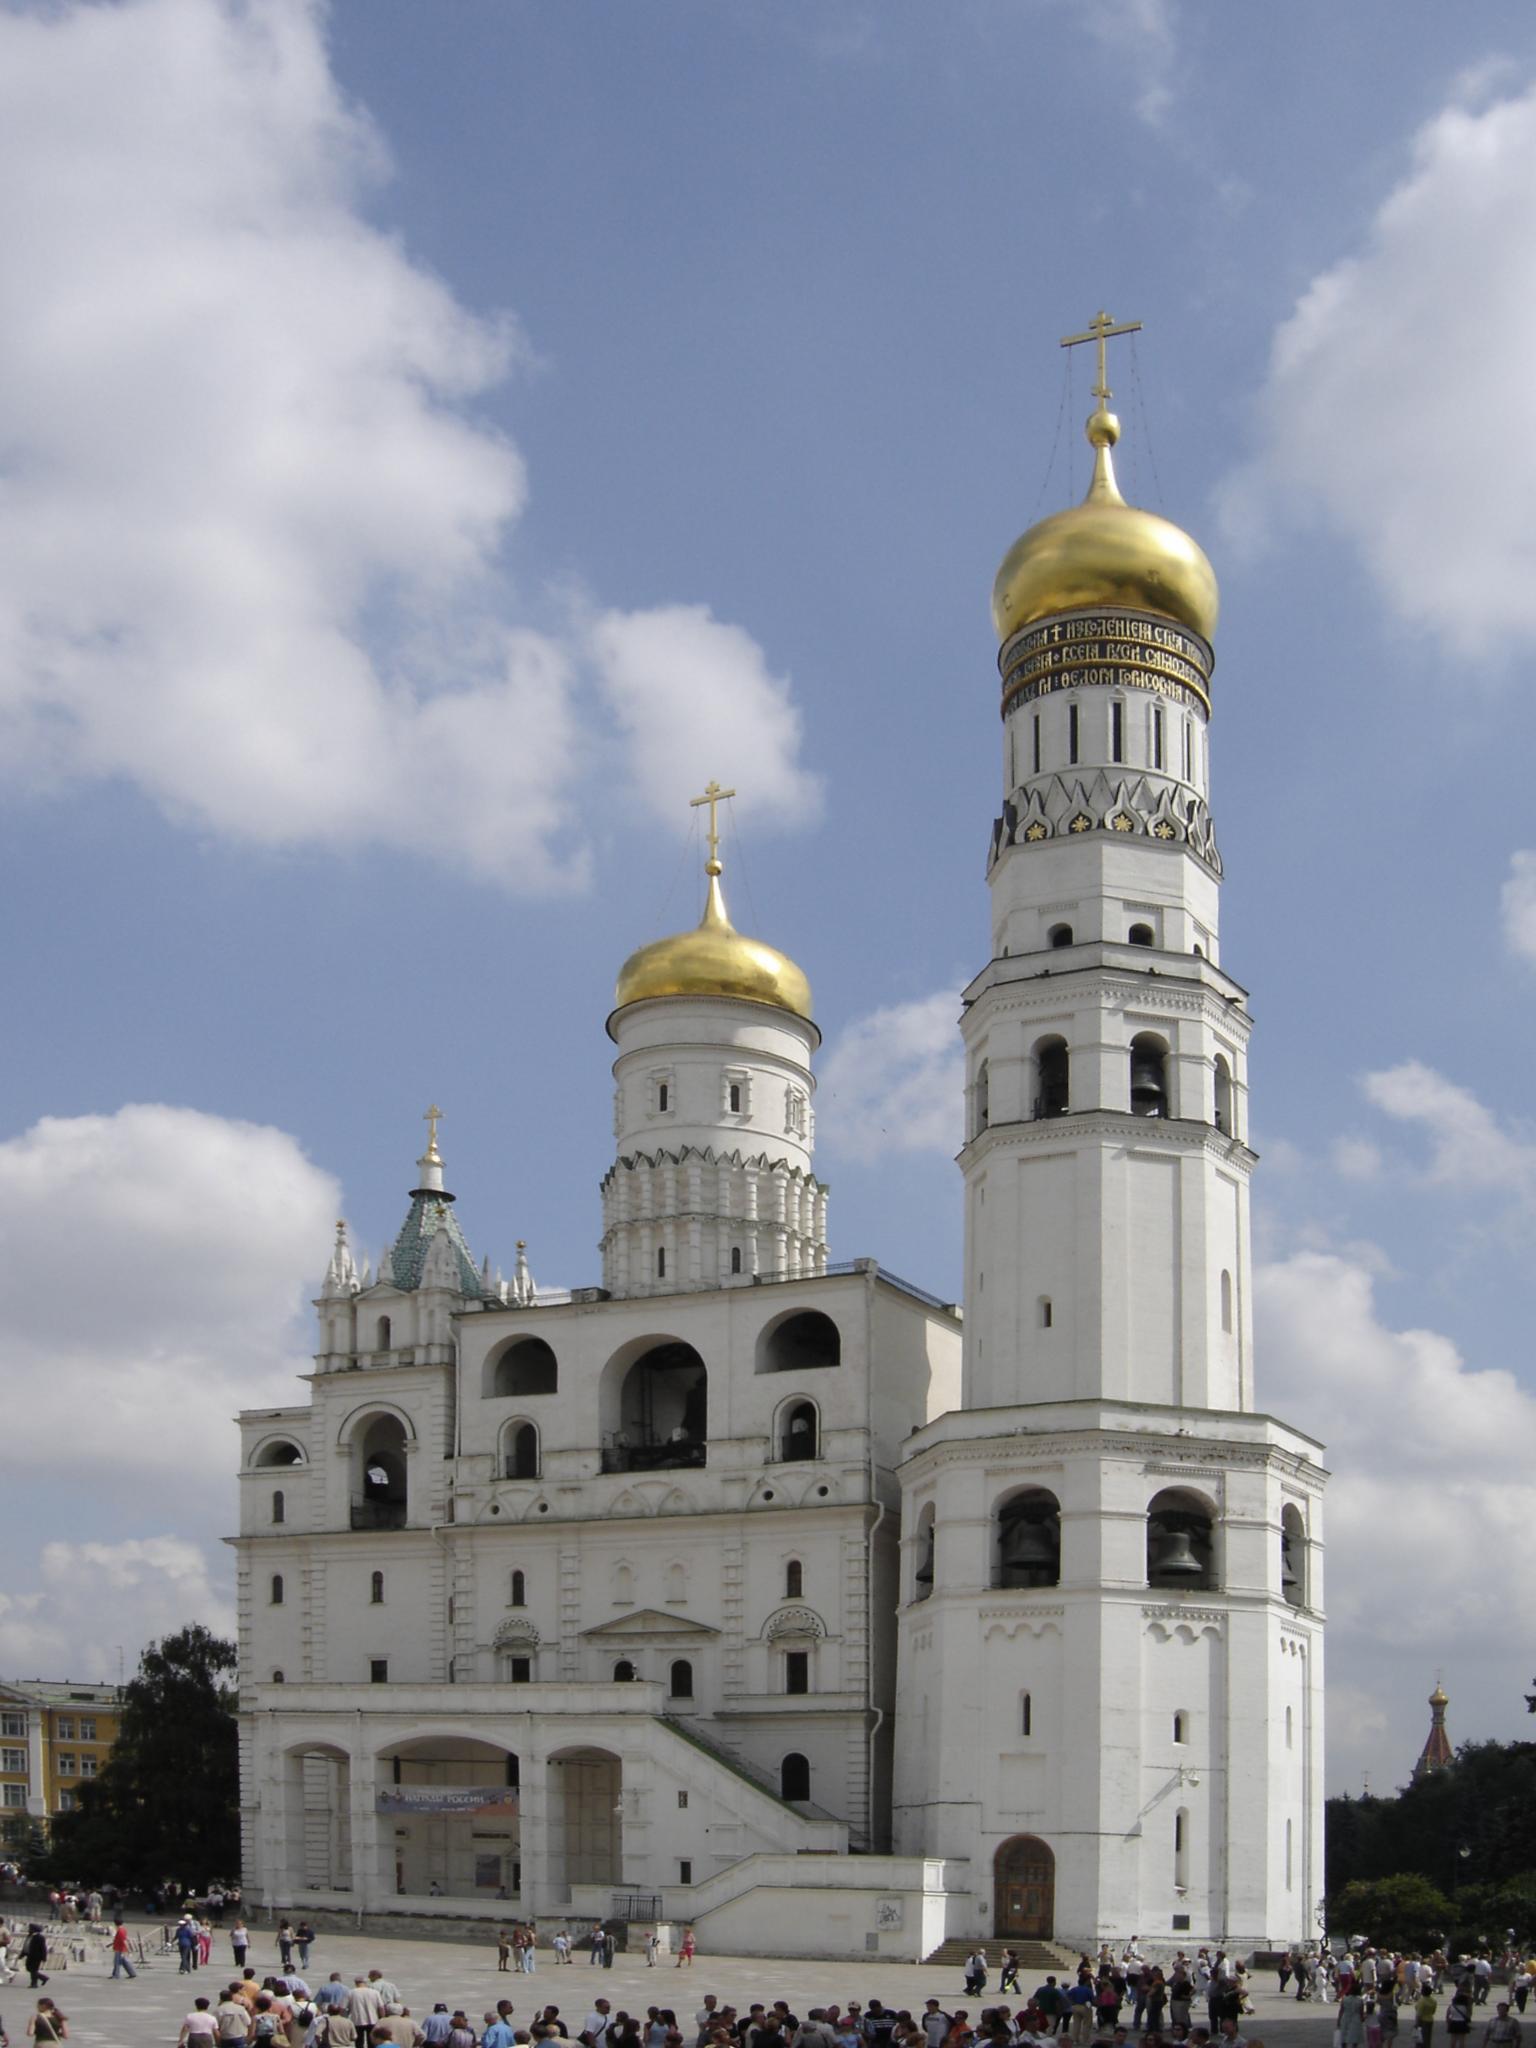 Достопримечательности Москвы в фотографиях. Музеи Московского Кремля.